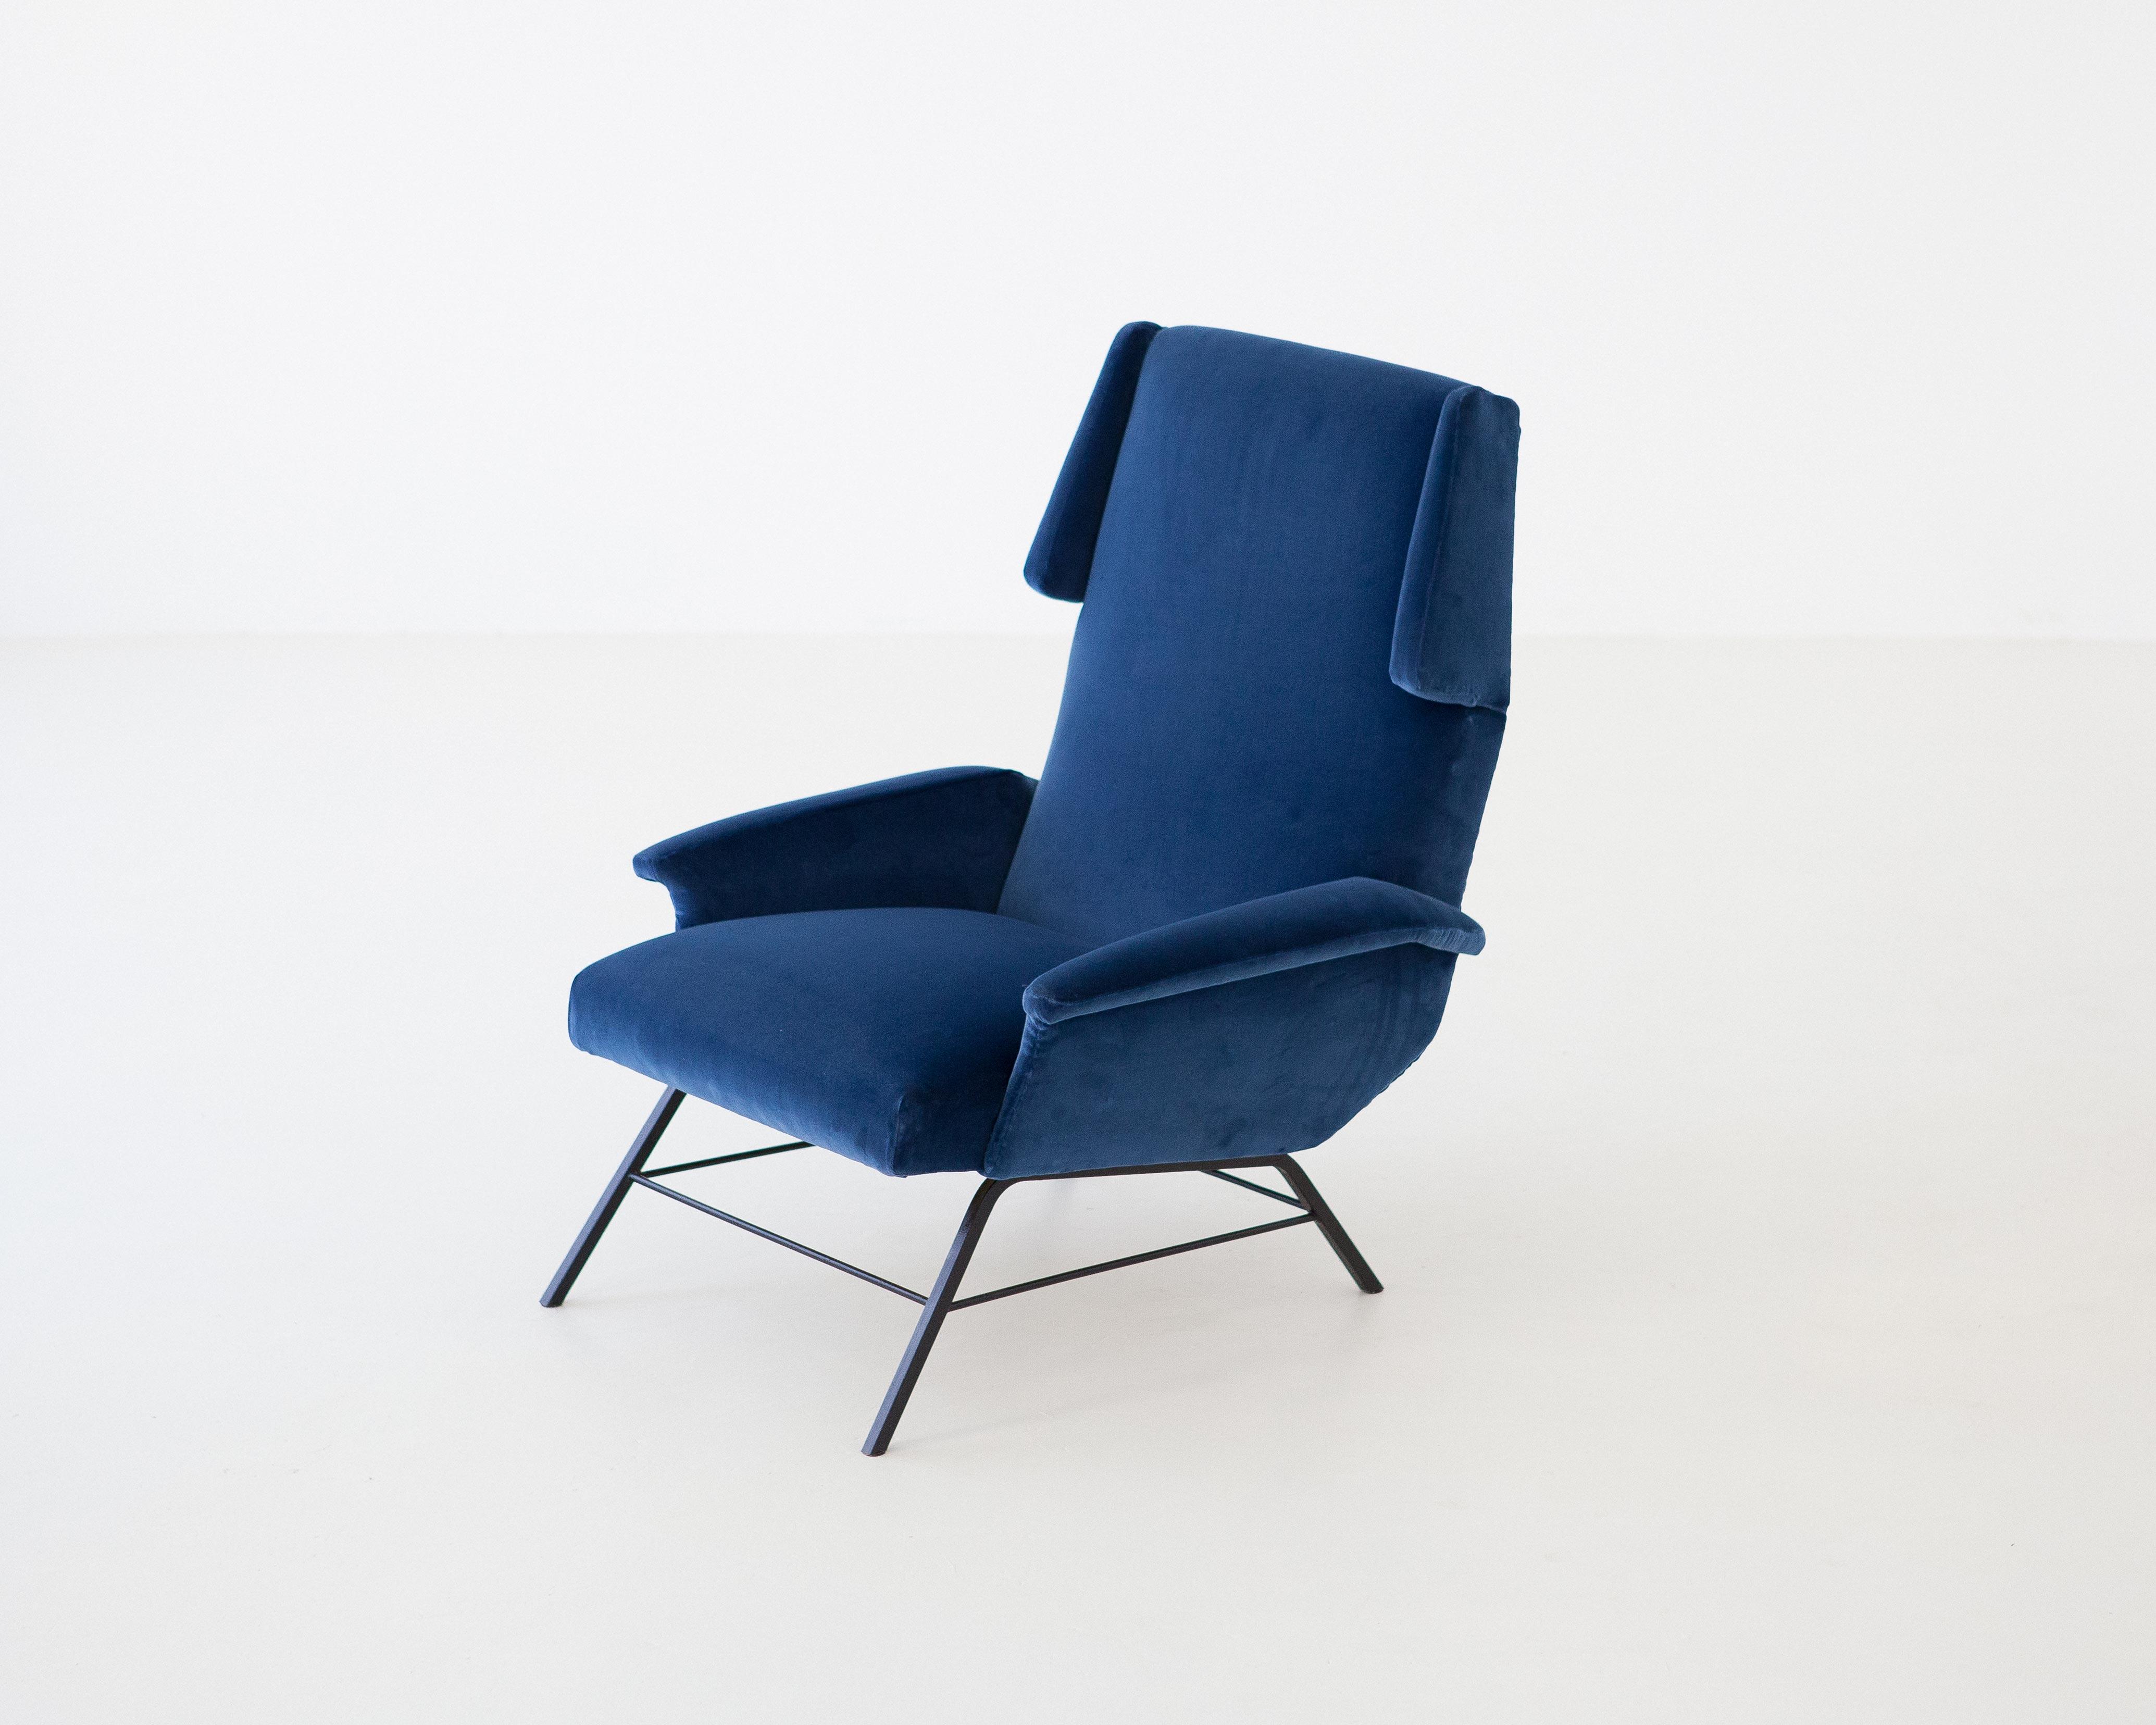 1950s-italian-blue-velvet-lounge-armchair-1-se304